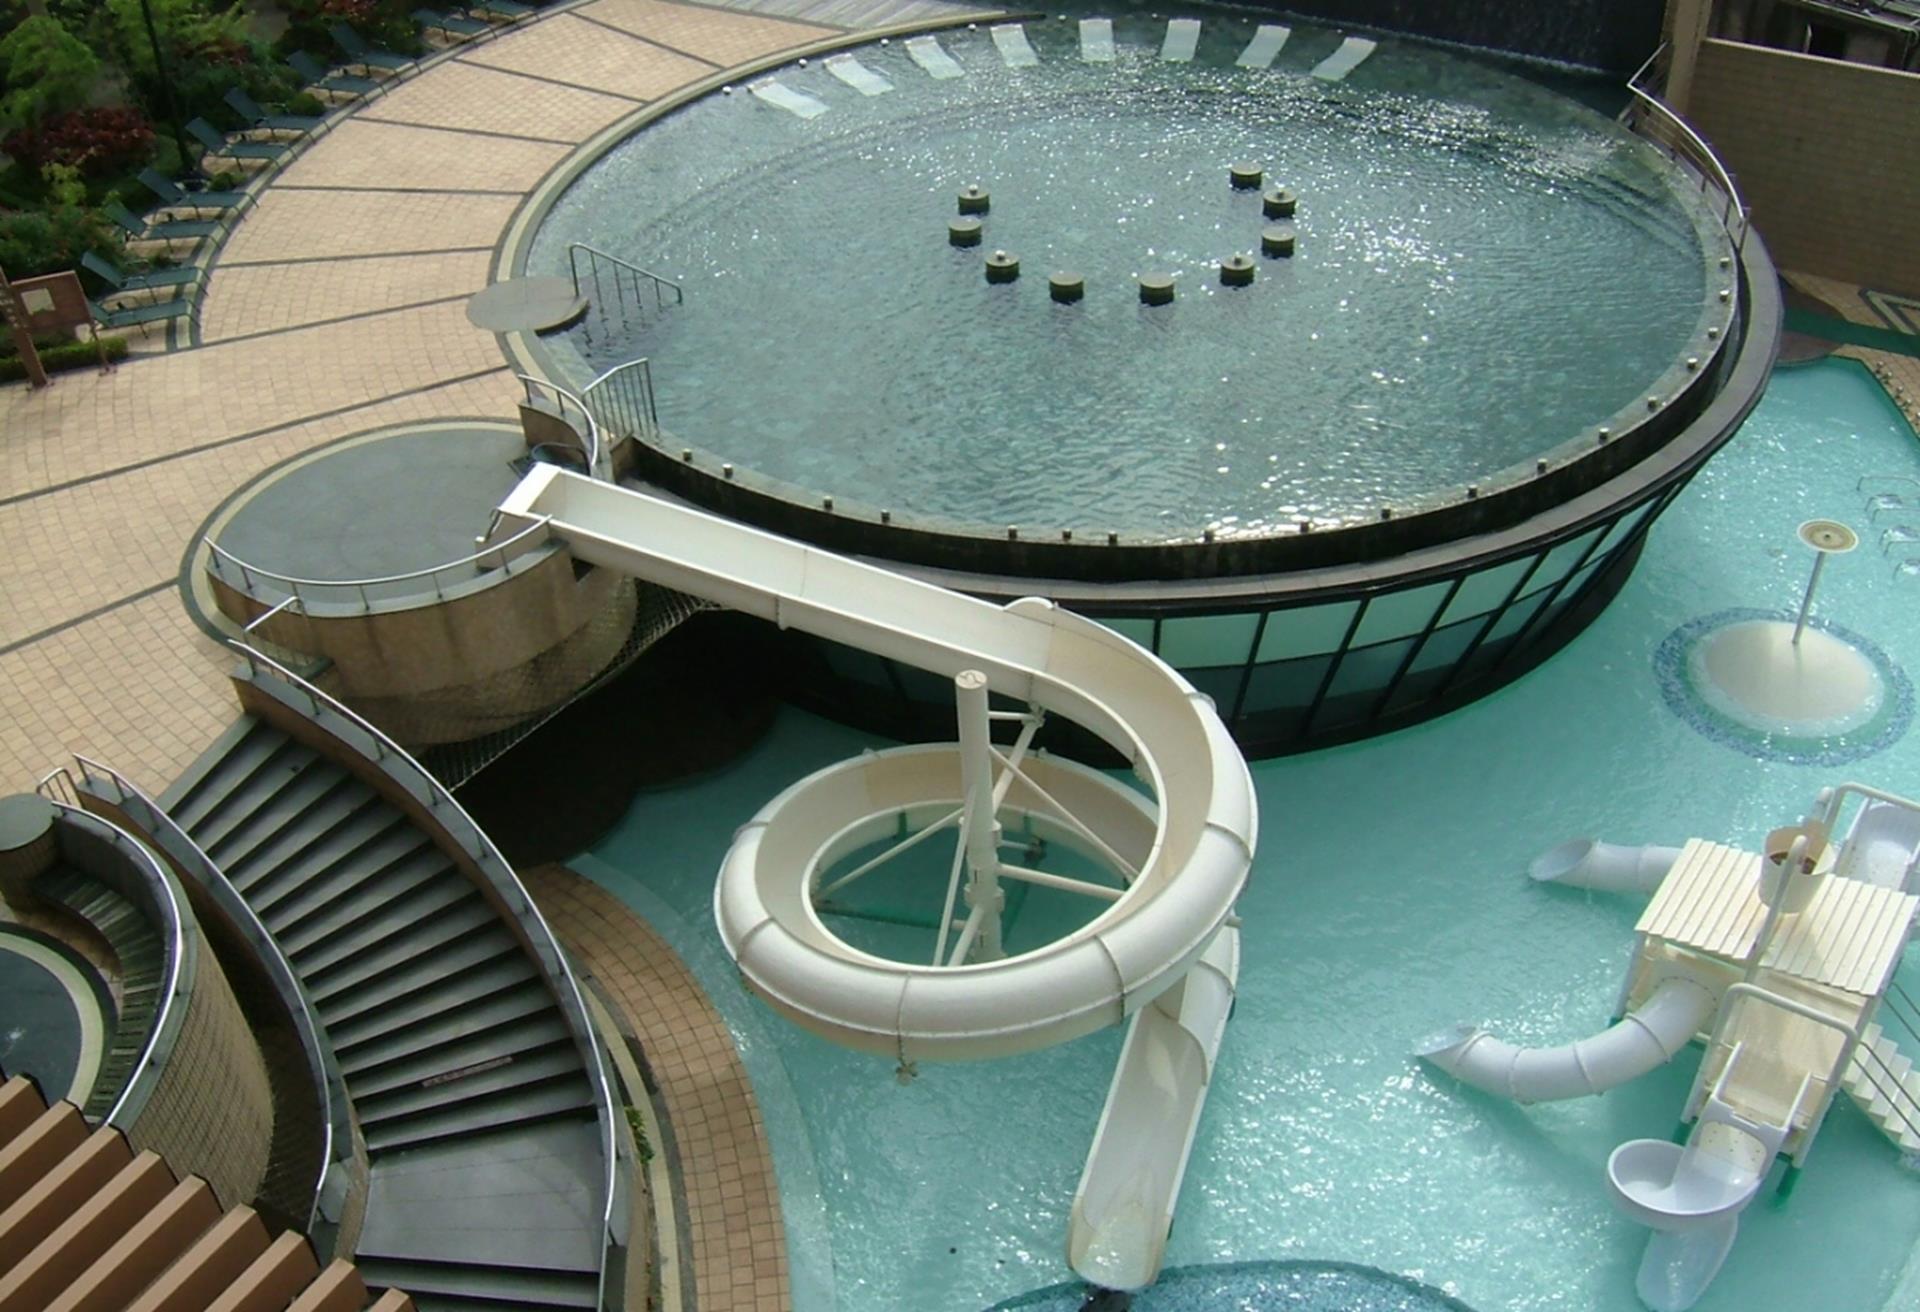 台北親子飯店推薦 - 陽明山天籟渡假酒店有孩子們永玩不膩的水世界